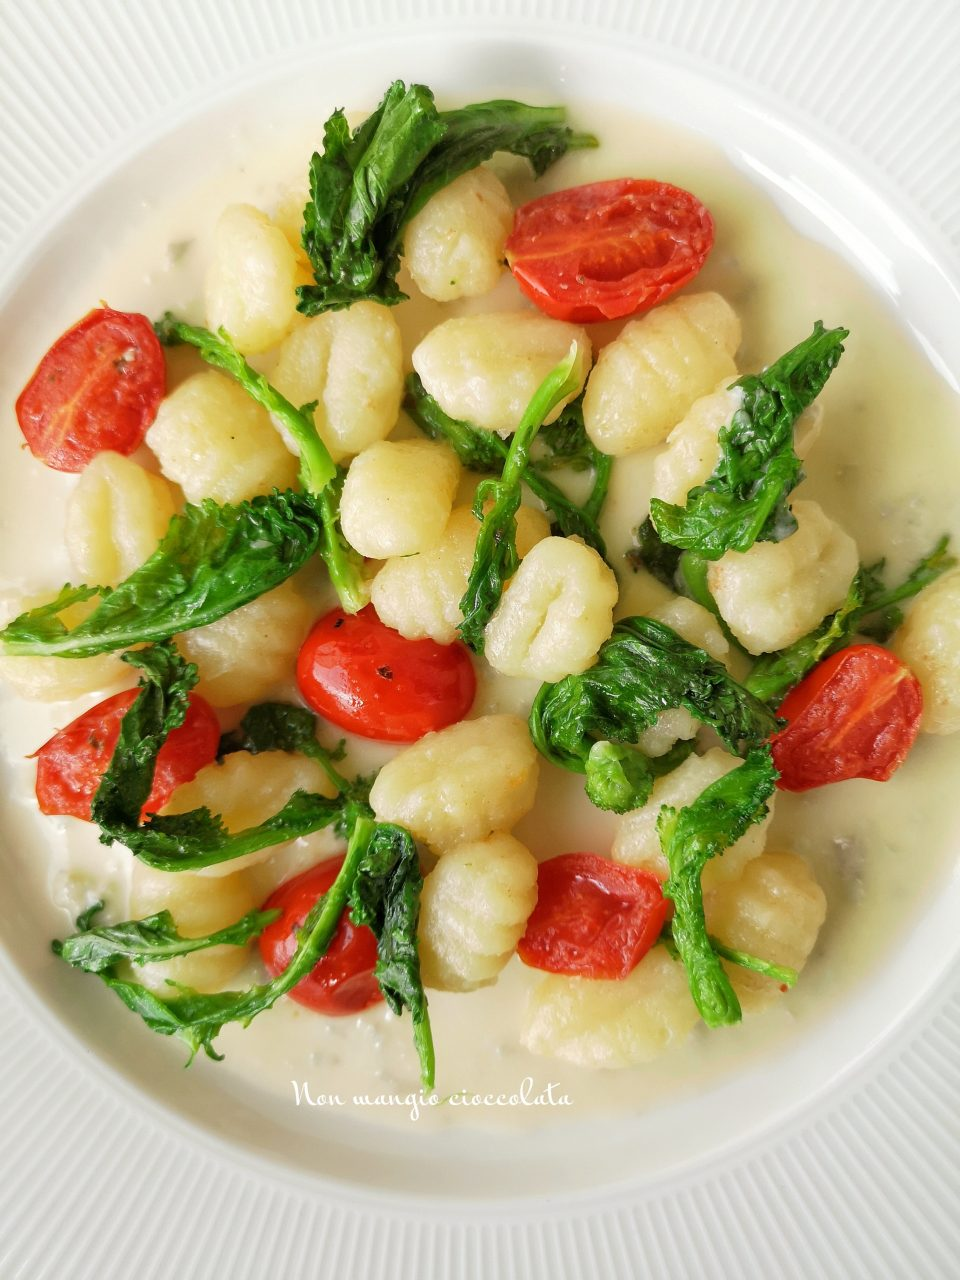 Gnocchi di patate con crema al gorgonzola, cime di rapa e pomodorini